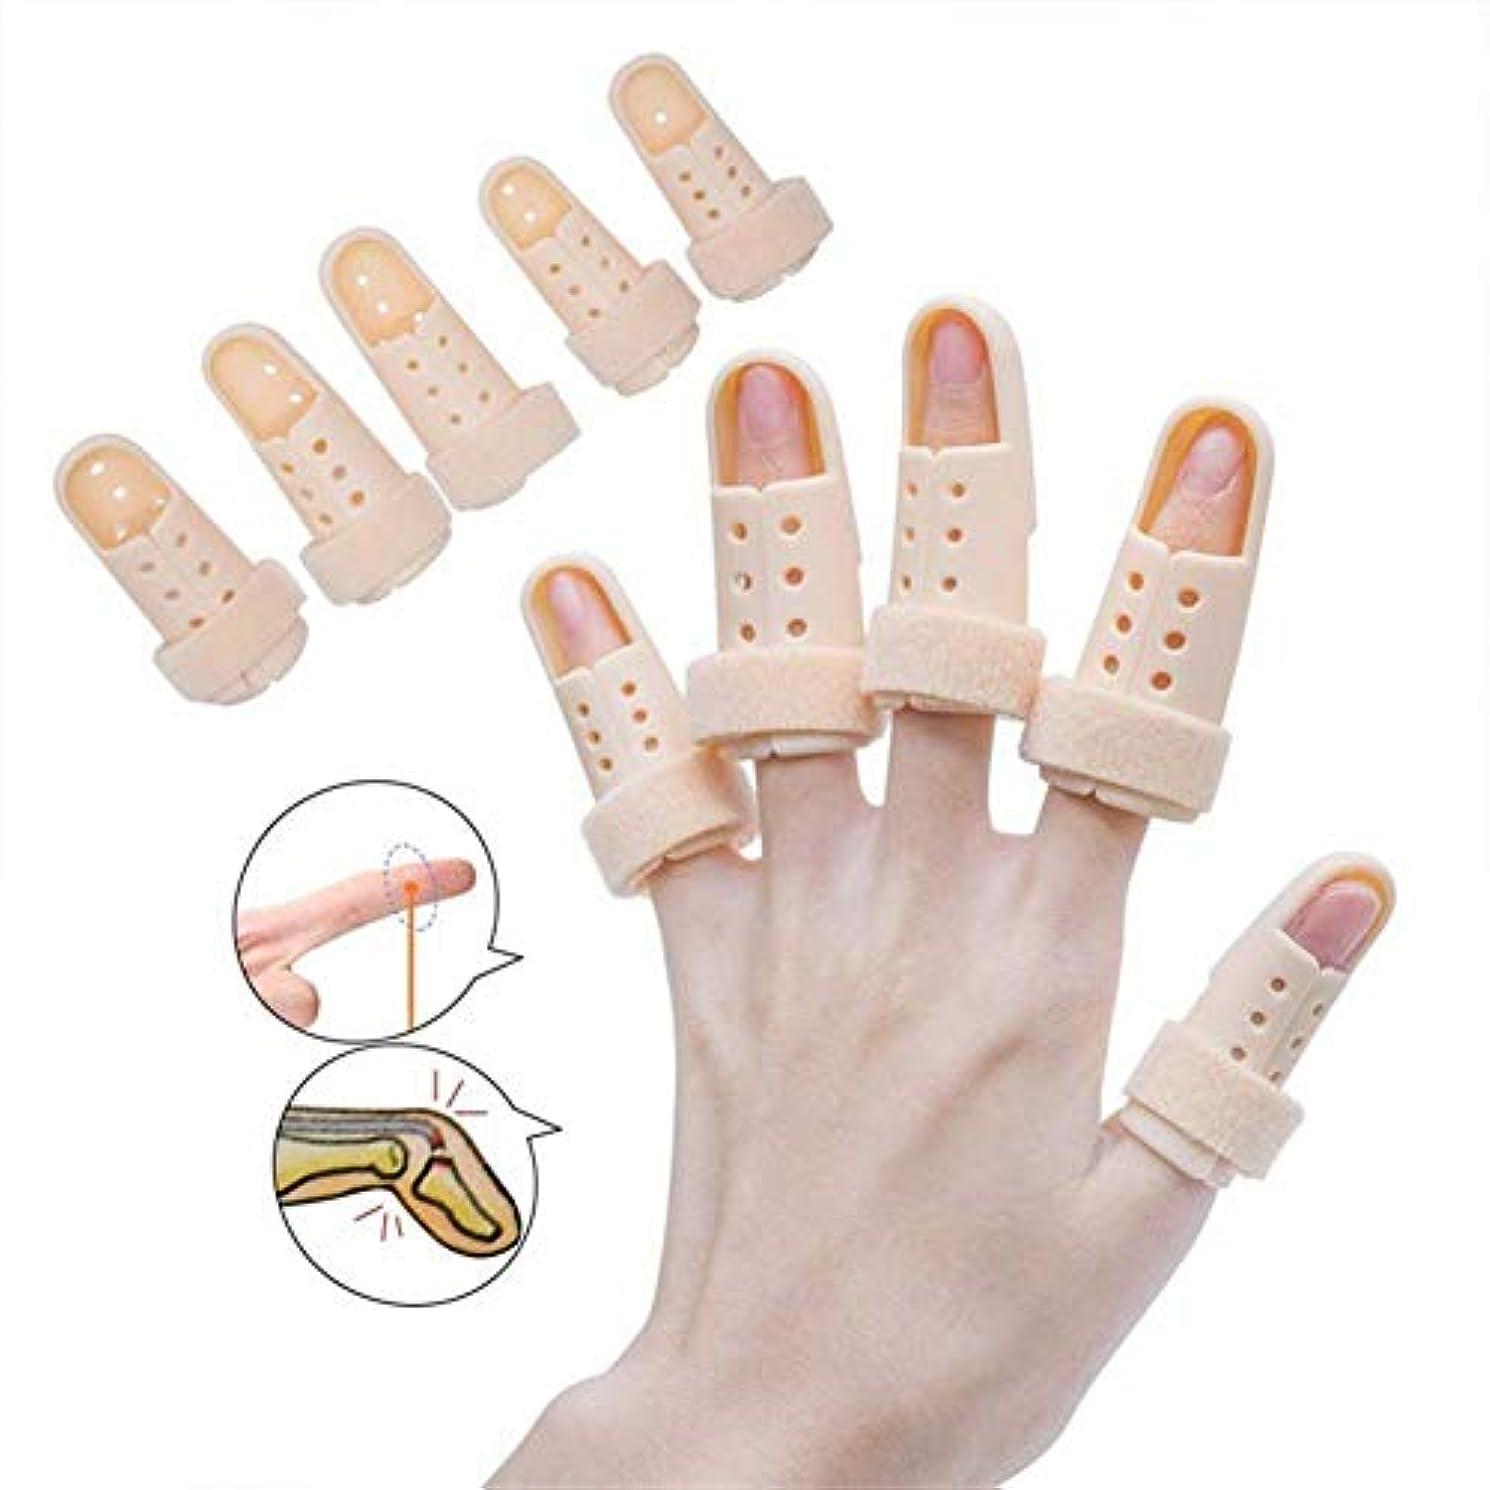 ブリード構築する接尾辞指の怪我のサポート、スプリントは指の捻rain関節炎の中立保護骨折サポートのスプリントをトリガーします